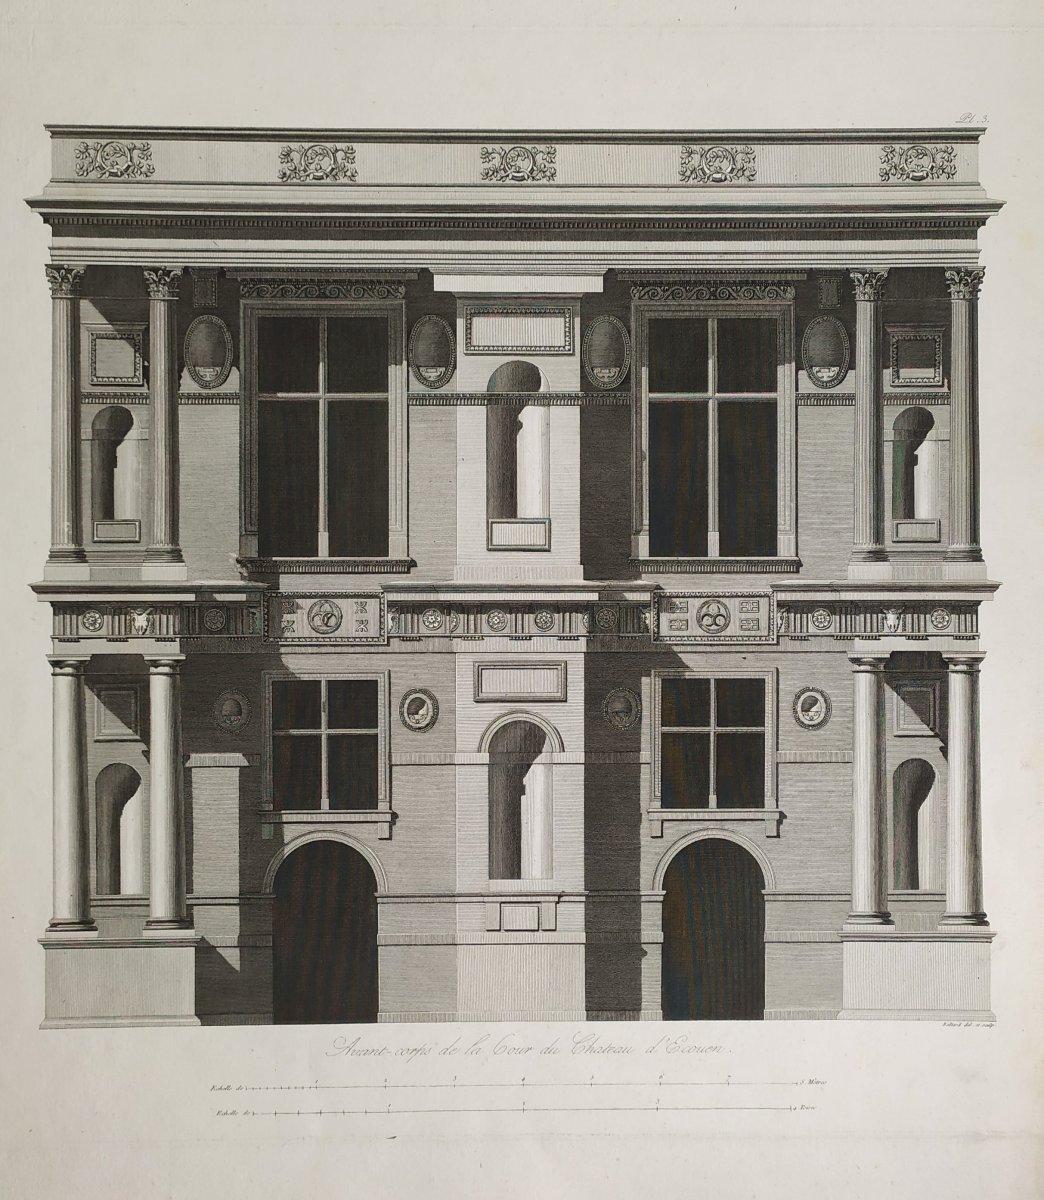 Gravure architecture  d'époque Empire  XIXème  Avant-corps de la Cour du Château d'Ecouen